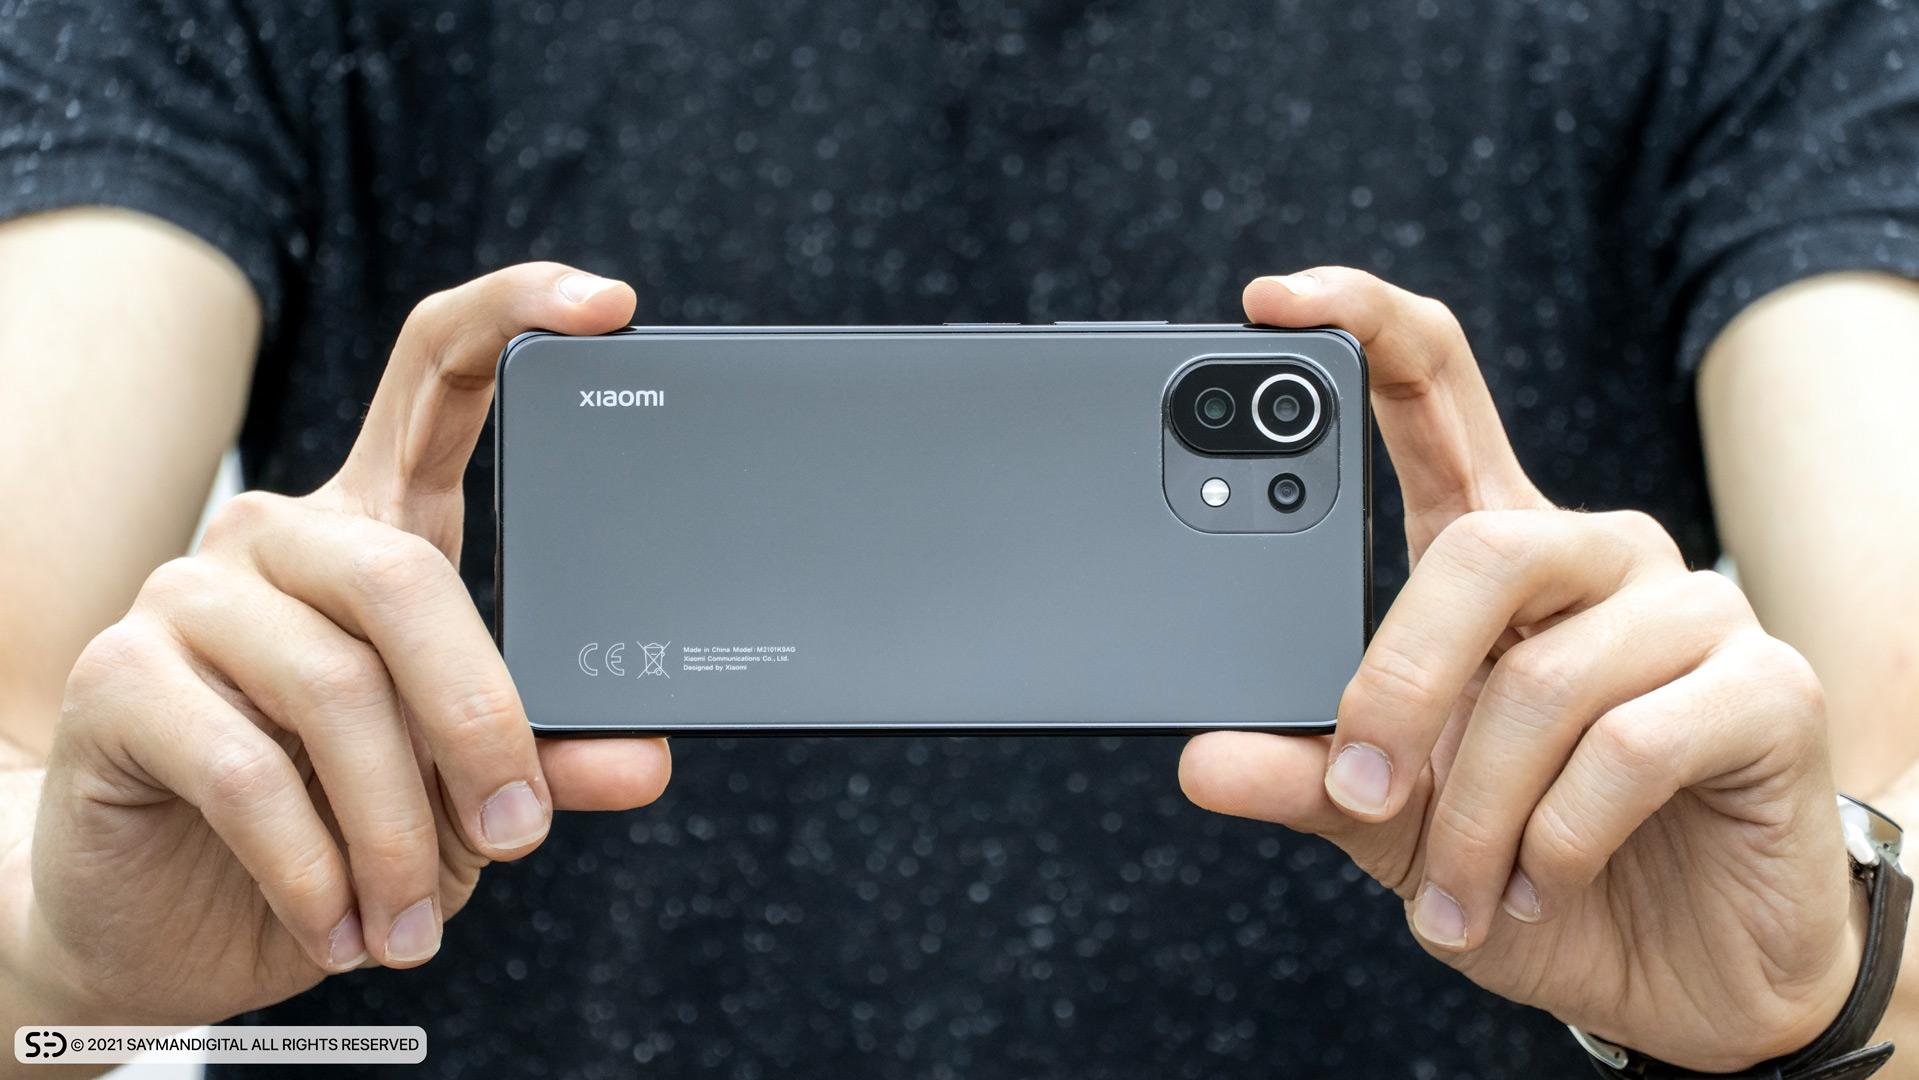 طراحی فریم دوربینها در مطلب بررسی Mi 11 Lite